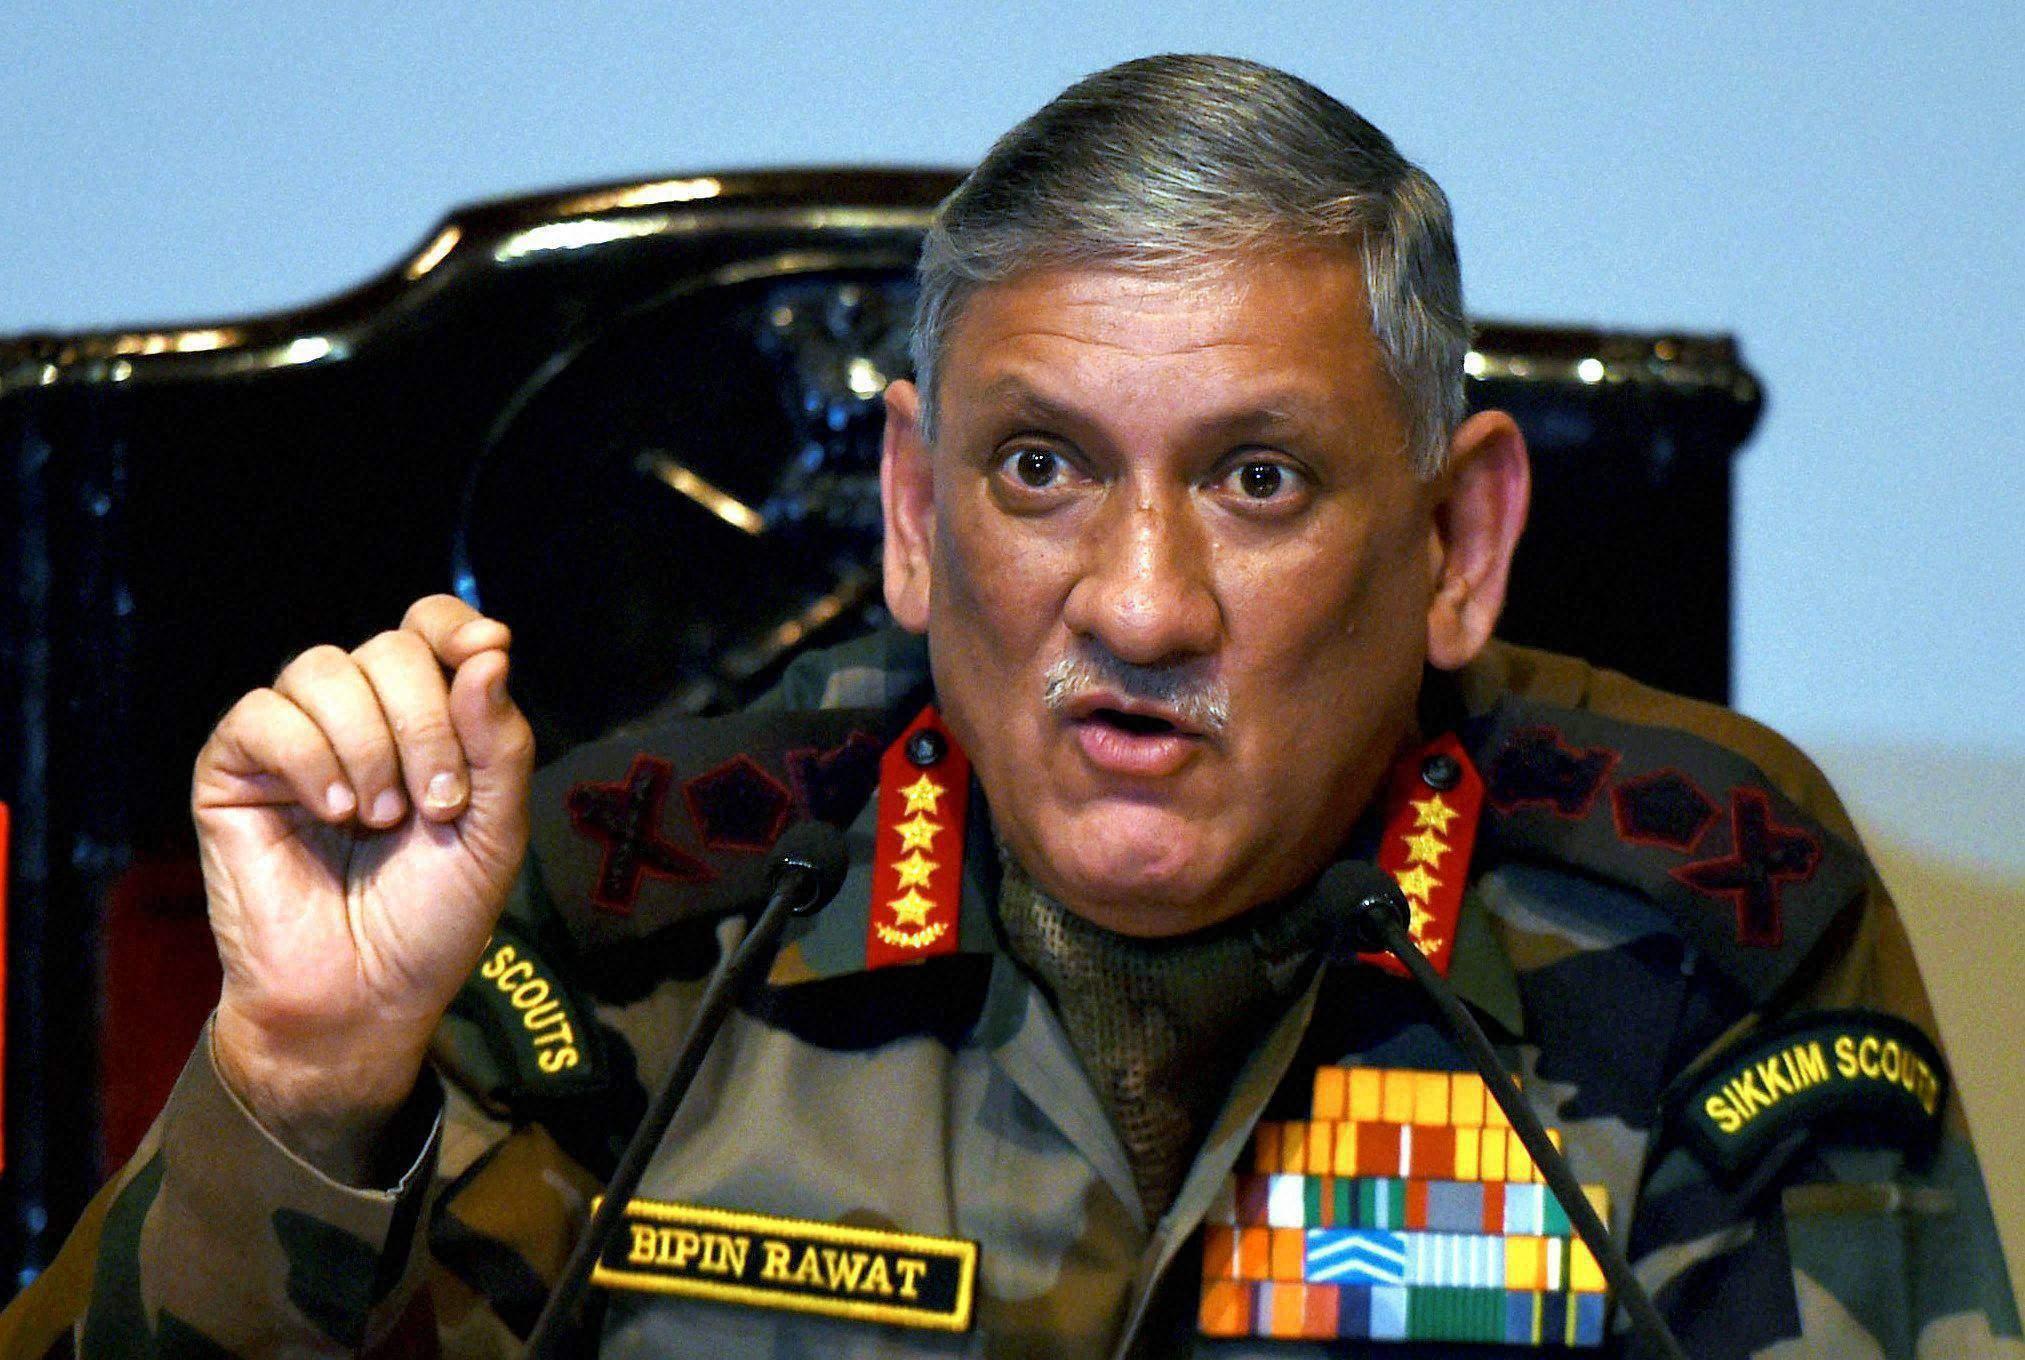 بھارتی فوج کا تنظیمی ڈھانچہ پرانا ہے ، تبدیلی کی ضرورت ہے، جنرل راوت کا اعتراف